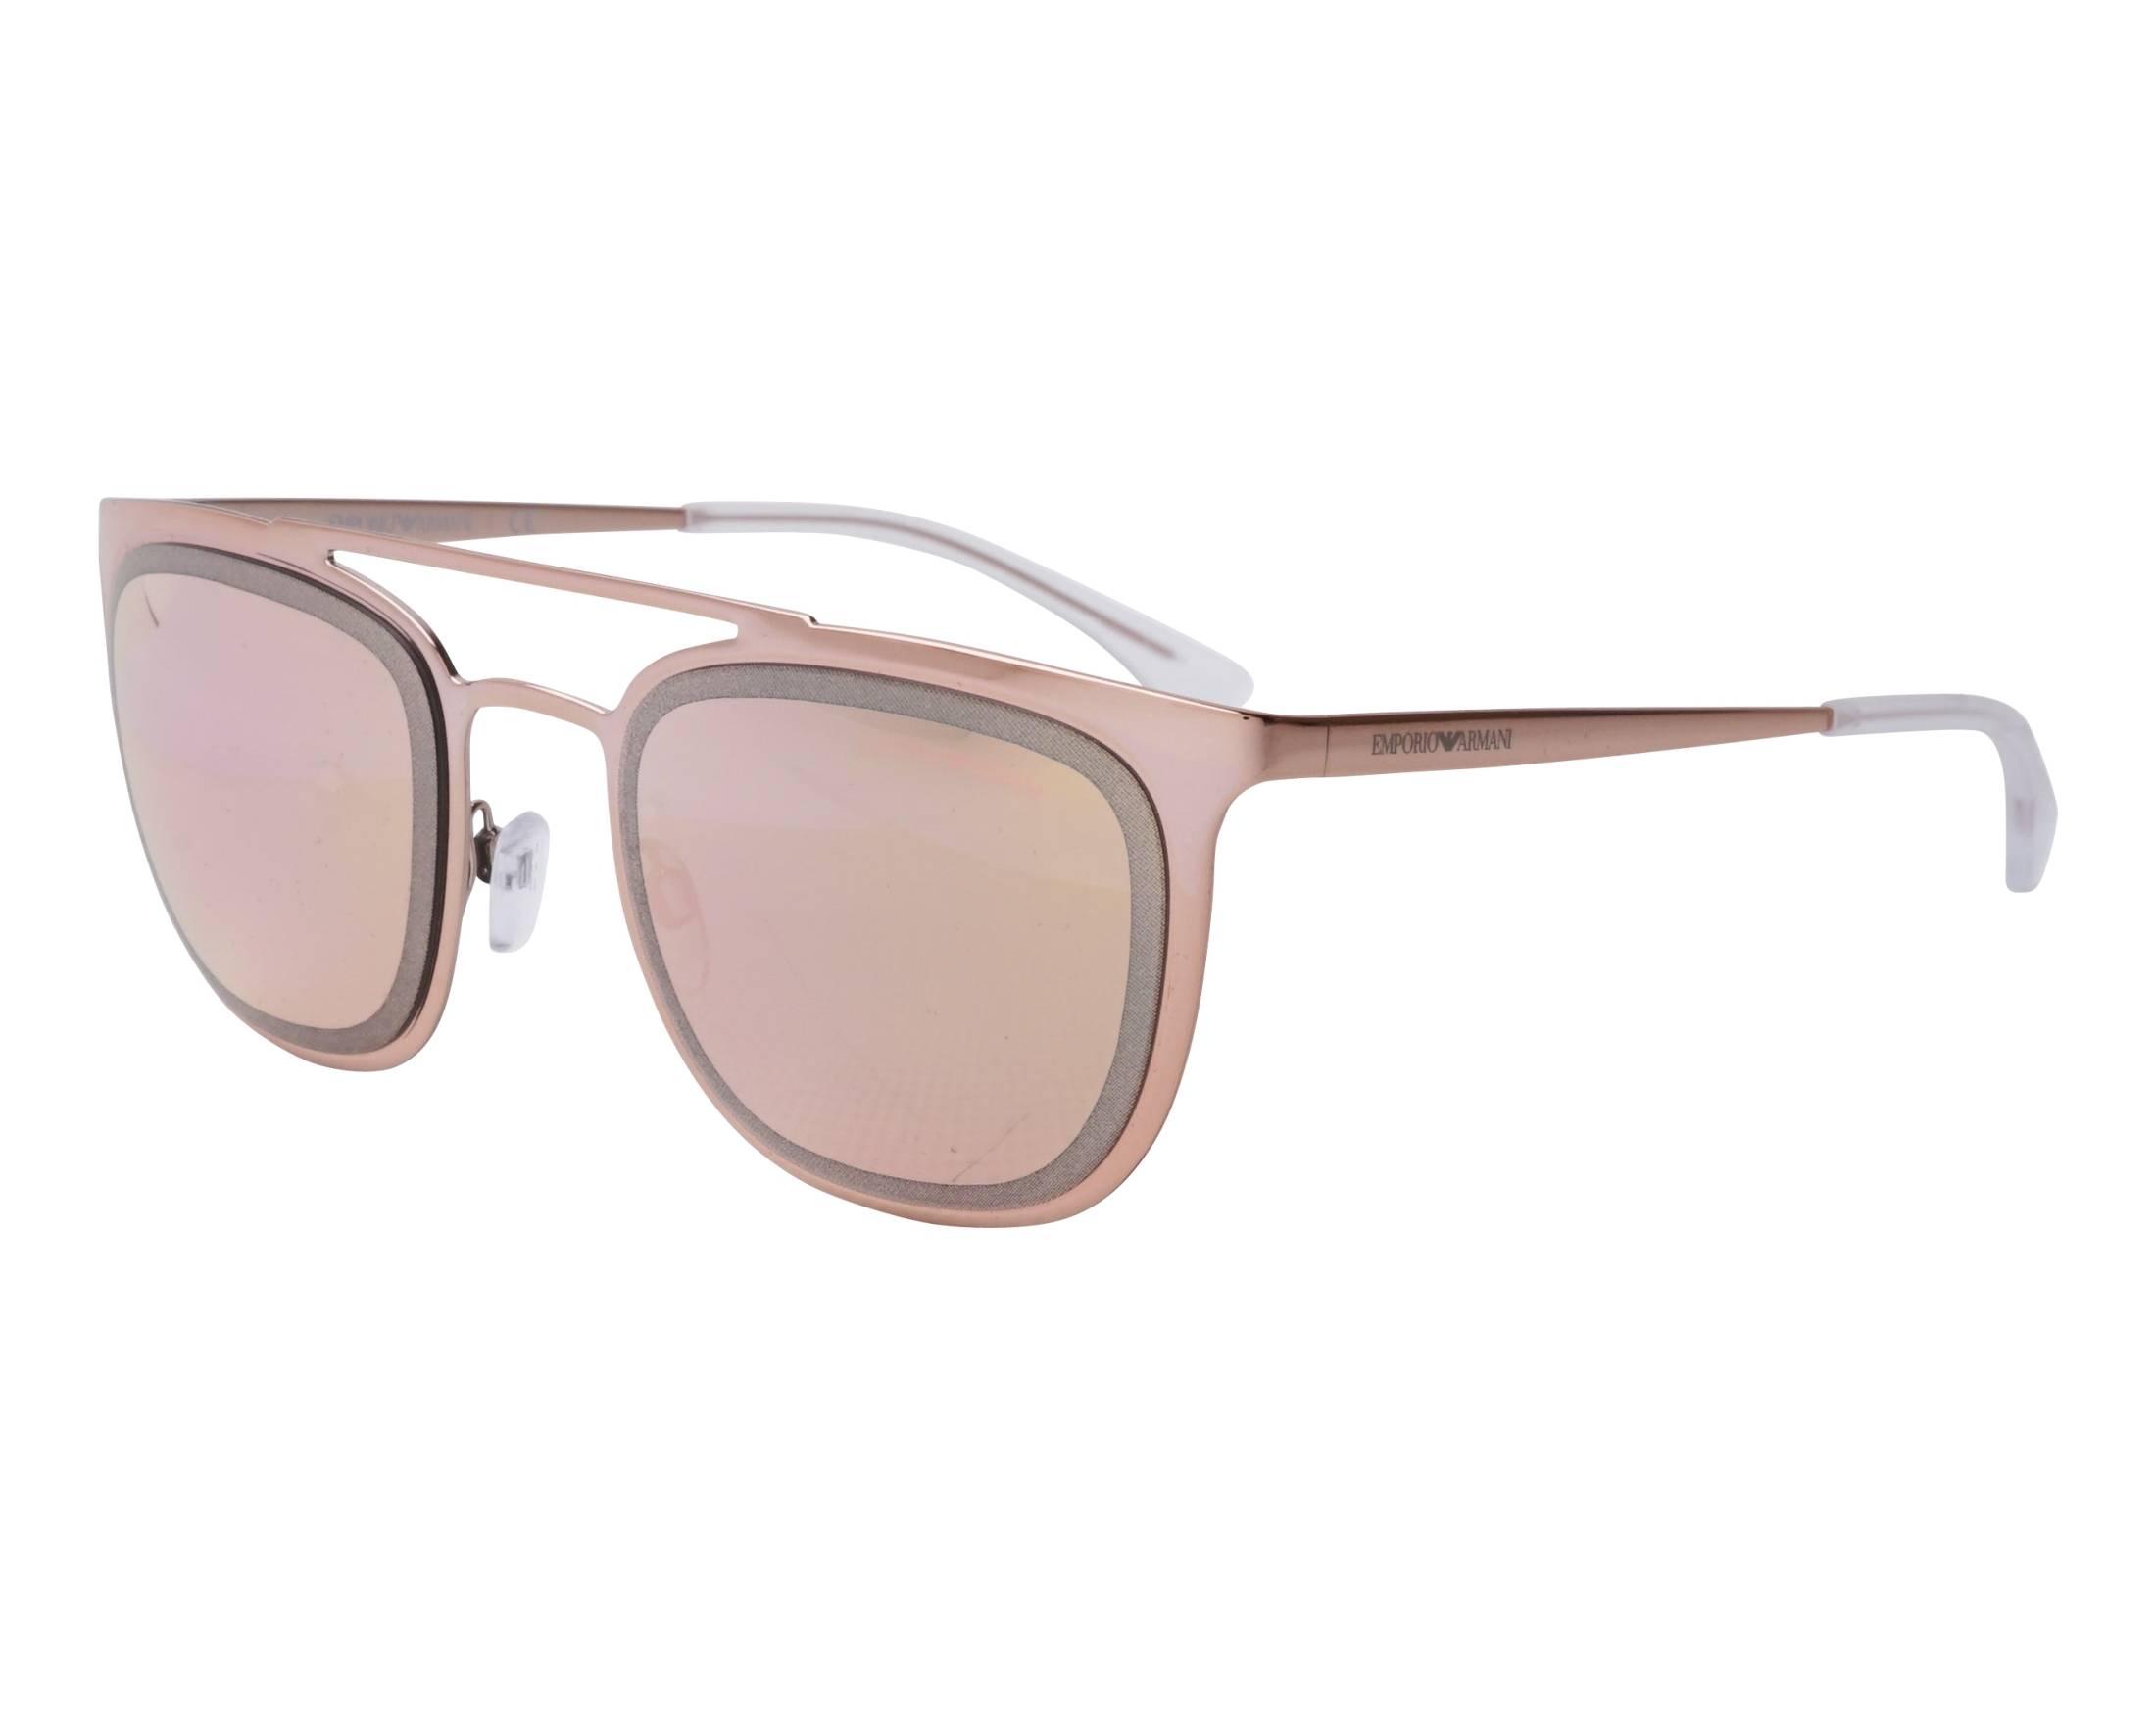 dc761a666 Sunglasses Emporio Armani EA-2069 32194Z 54-21 Gold Copper profile view